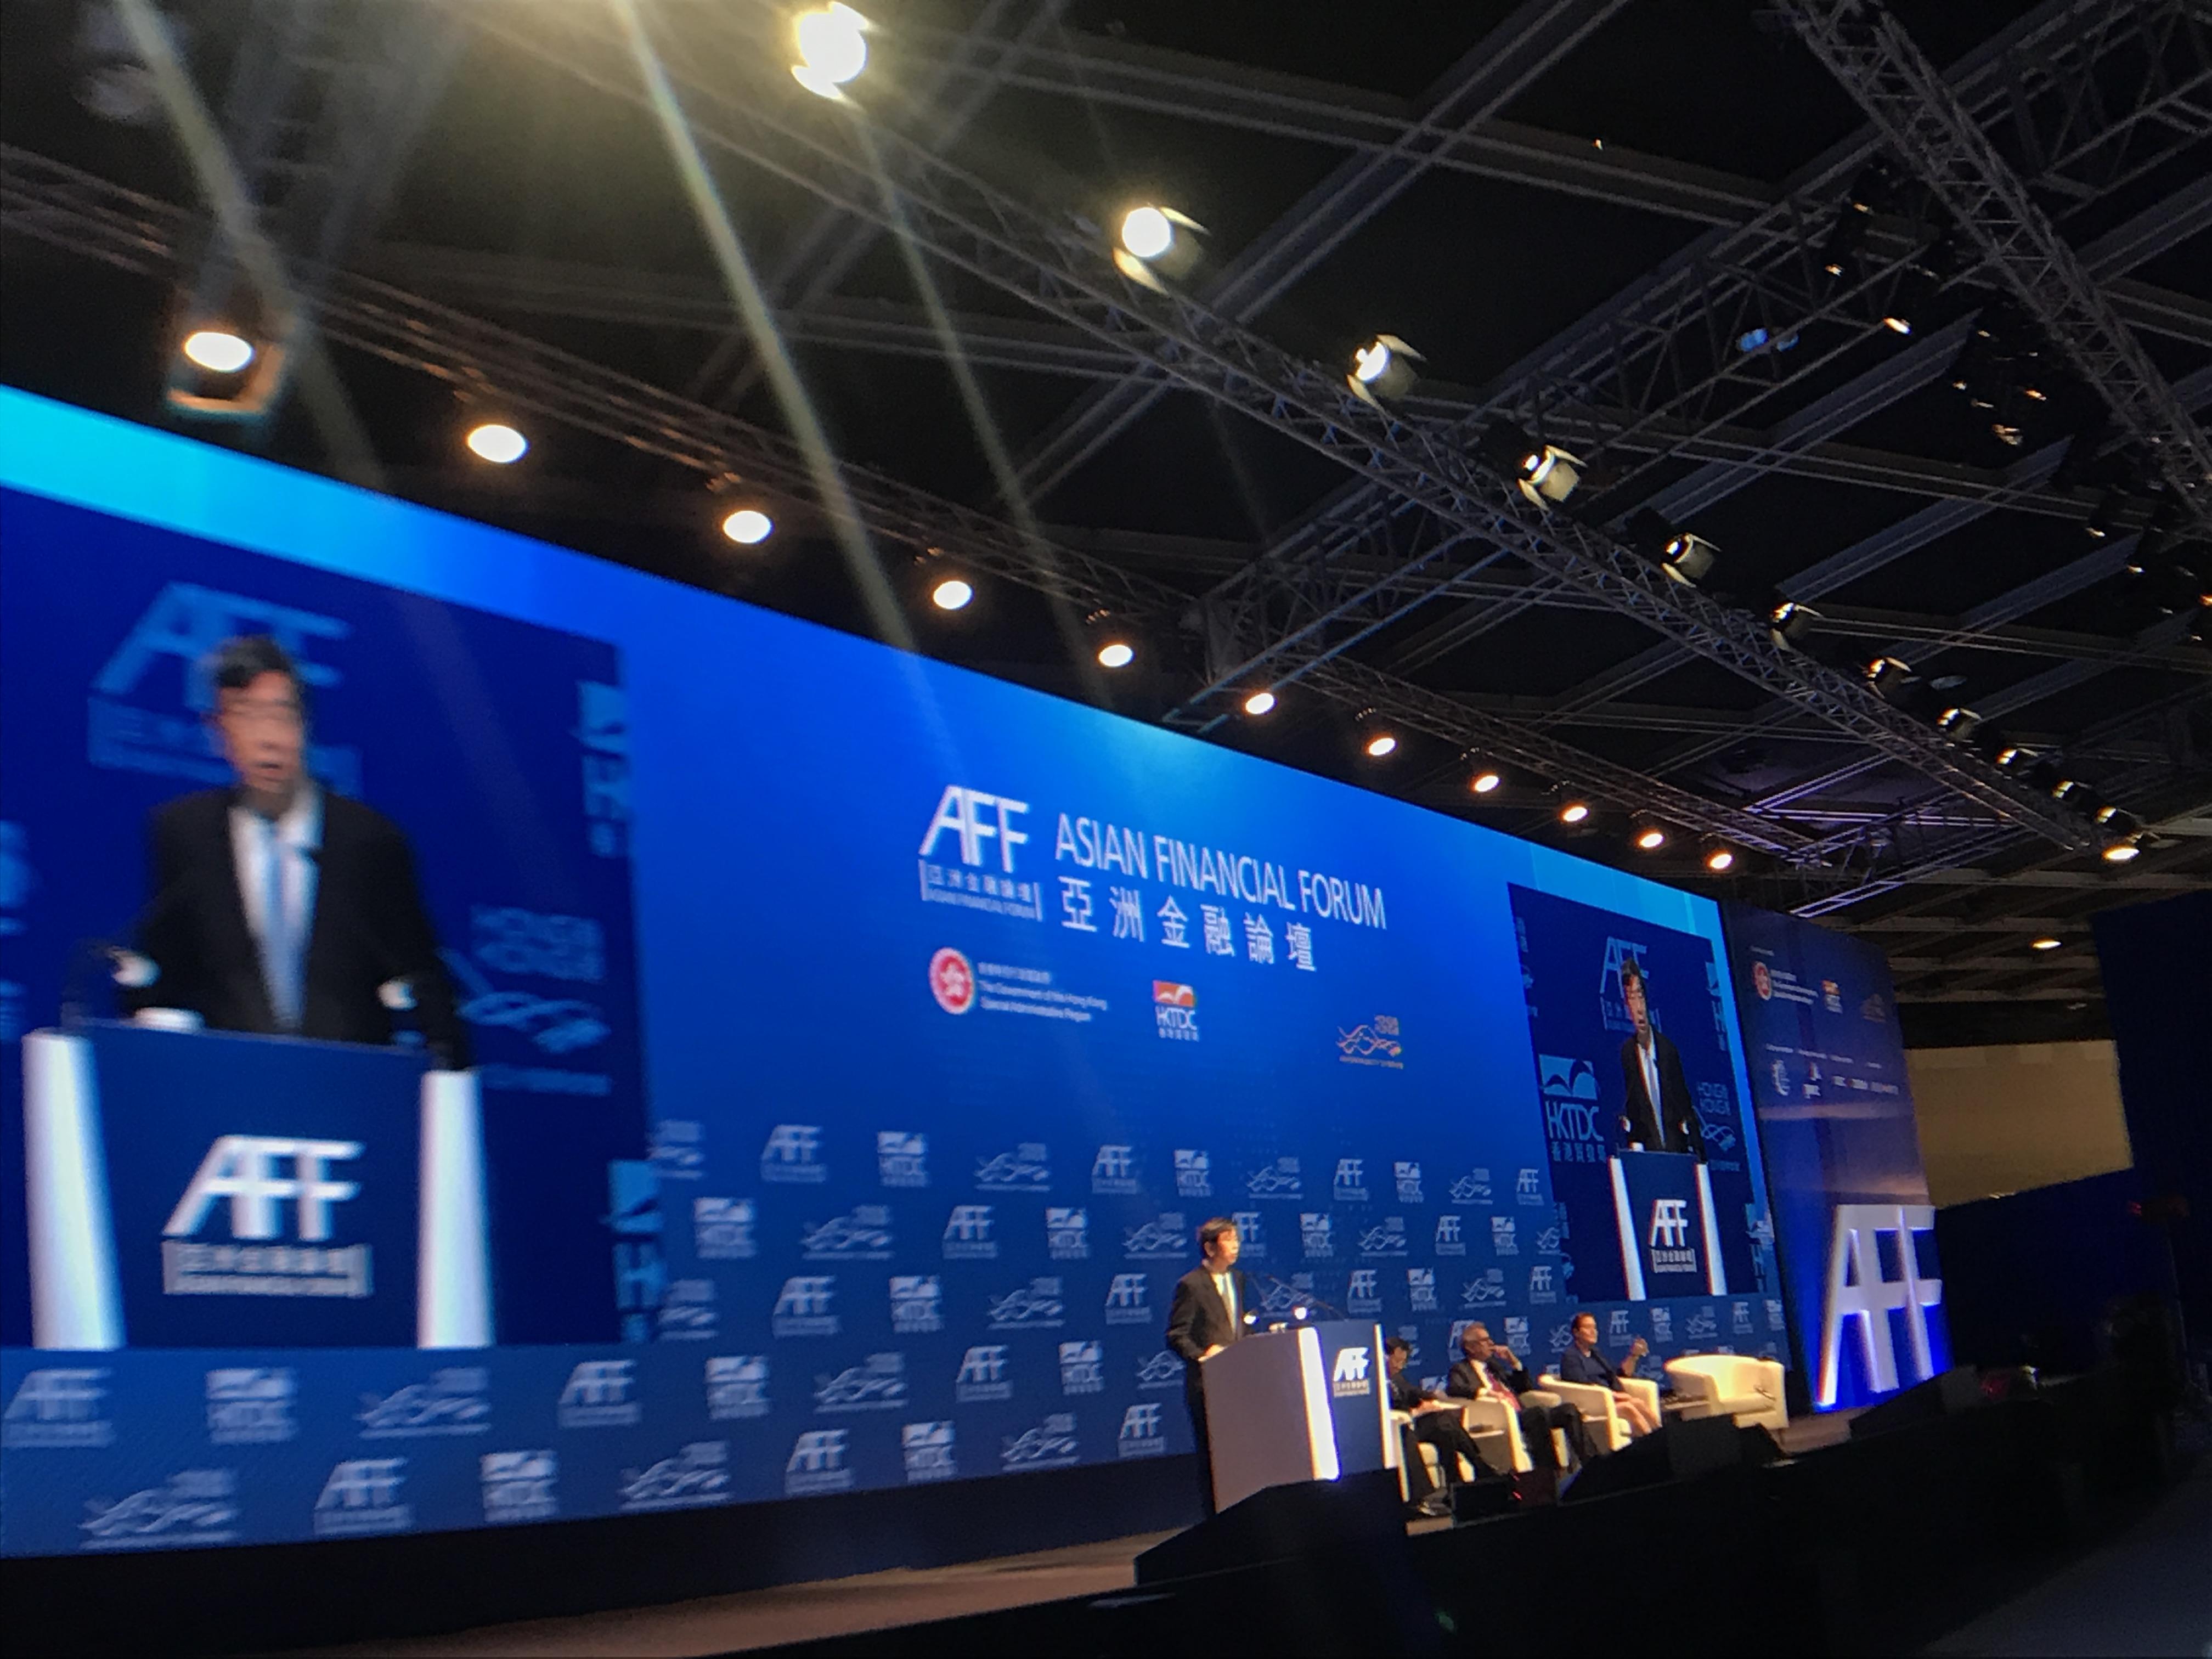 日本前高官谈中国经济:非常光明 但这三方面风险